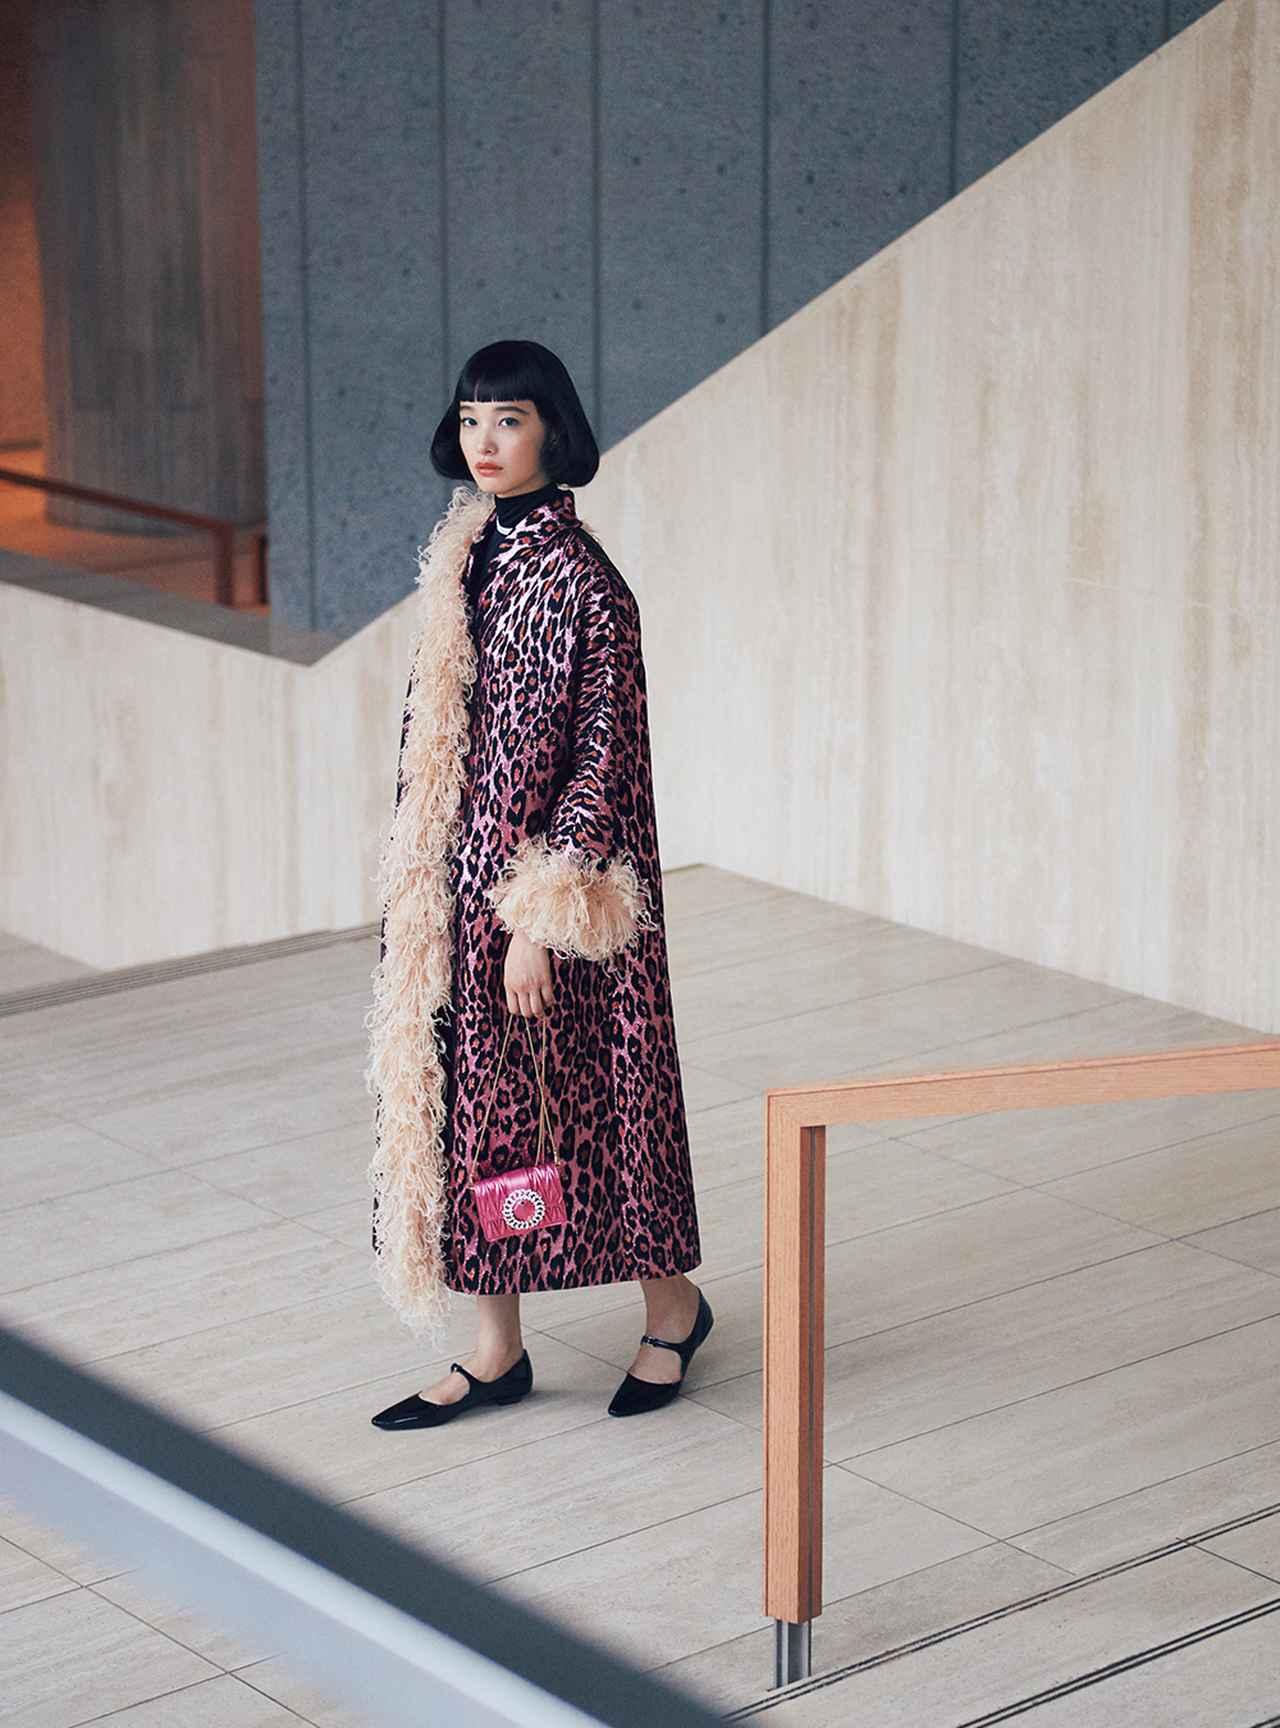 Images : 8番目の画像 - 「至福の時空へ誘う 華麗なる観劇スタイル」のアルバム - T JAPAN:The New York Times Style Magazine 公式サイト